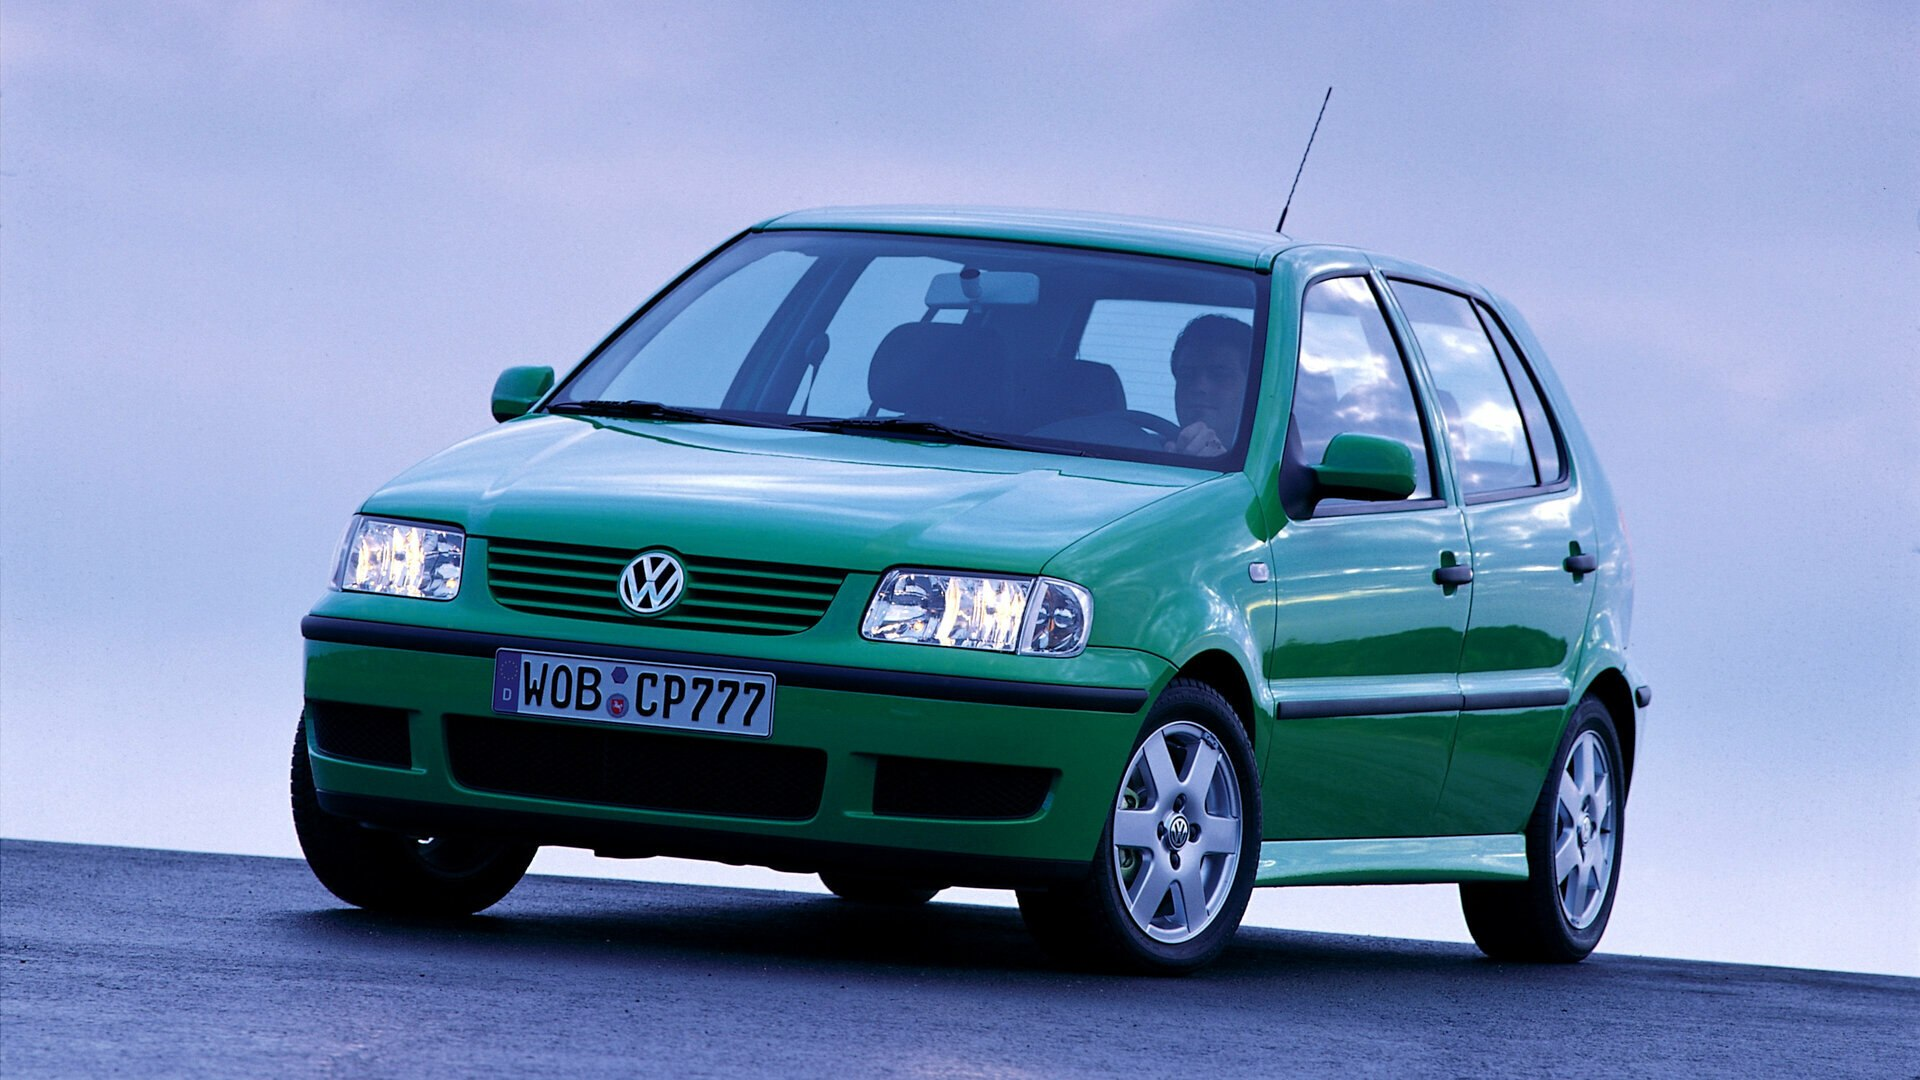 Coche del día: Volkswagen Polo 1.4 TDI (6N2)